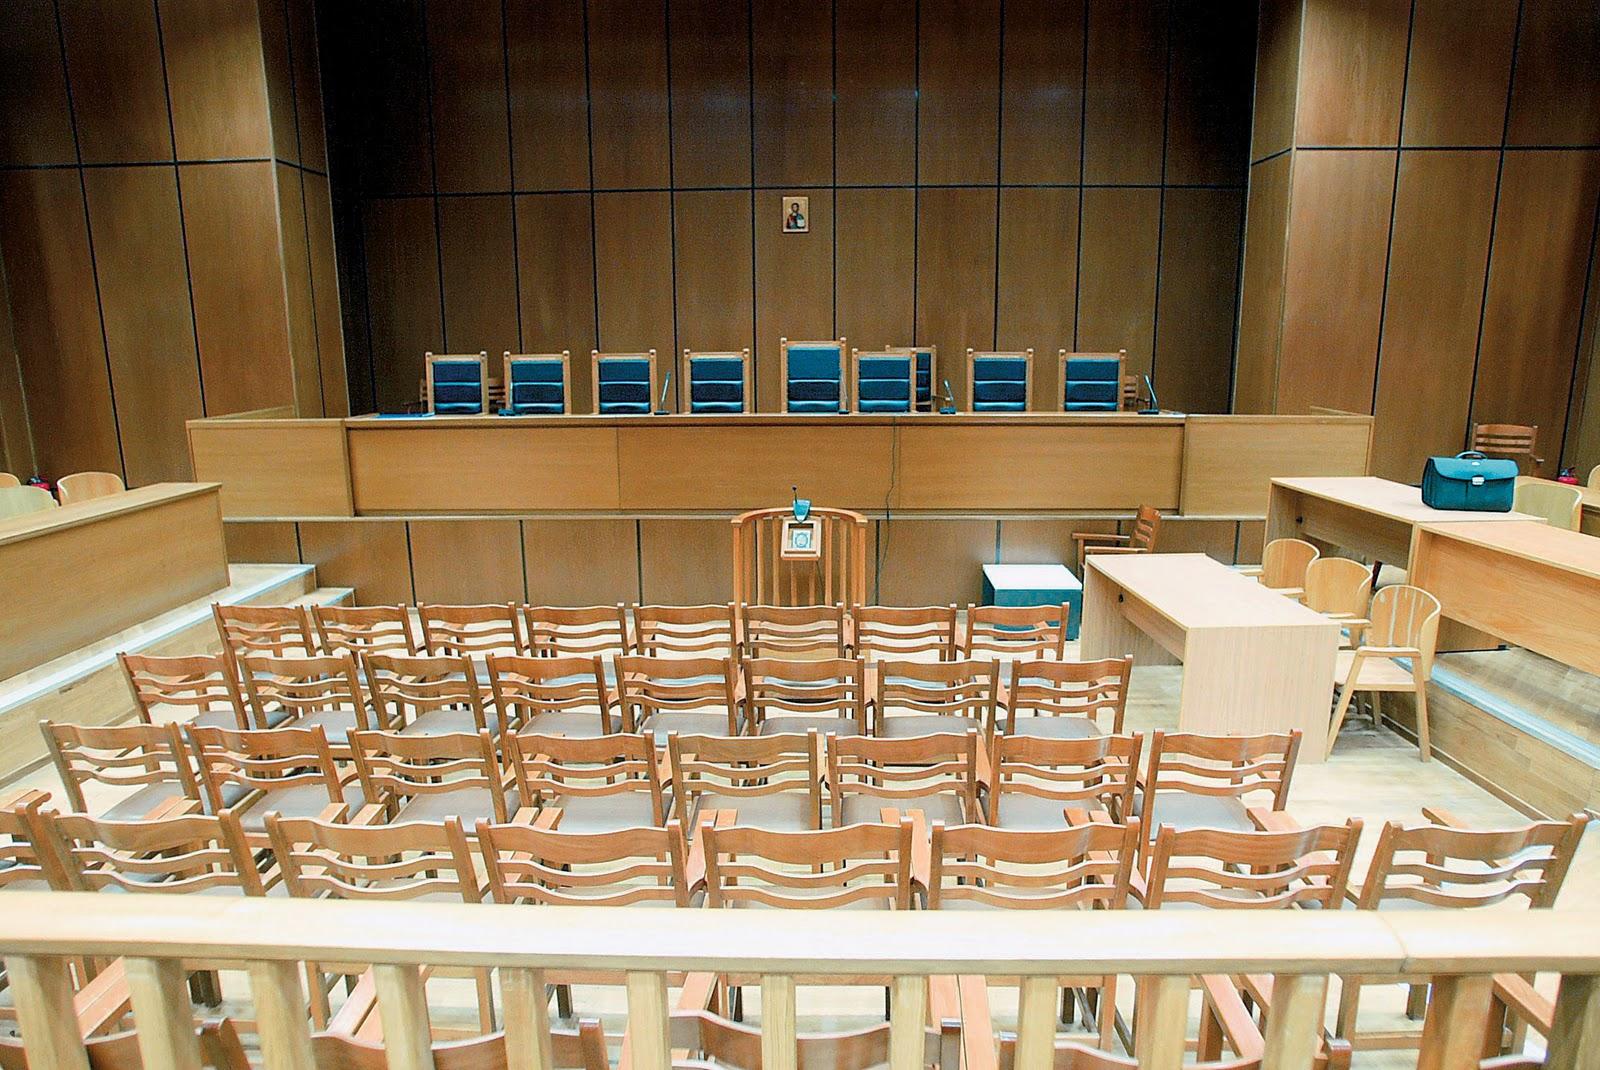 Ένωση Δικαστών και Εισαγγελέων: Να αποσυρθεί φωτογραφική διάταξη από νομοσχέδιο του υπουργείου Δικαιοσύνης